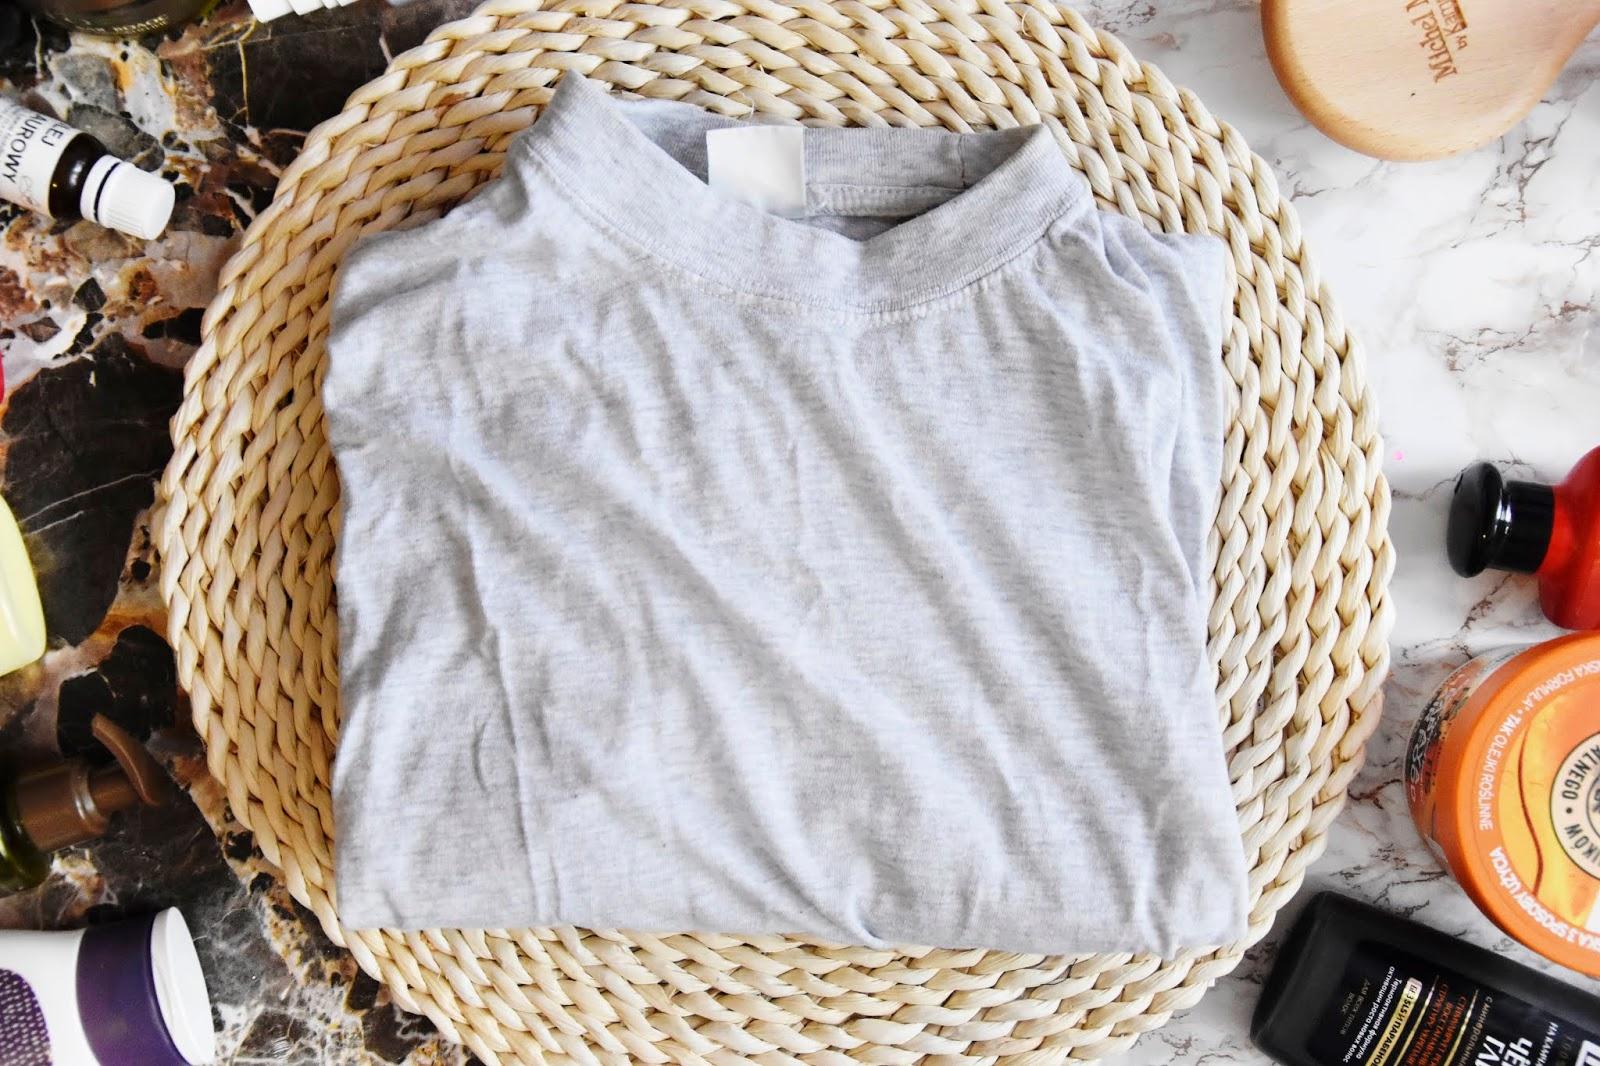 bawelniana koszulka zamiast recznika